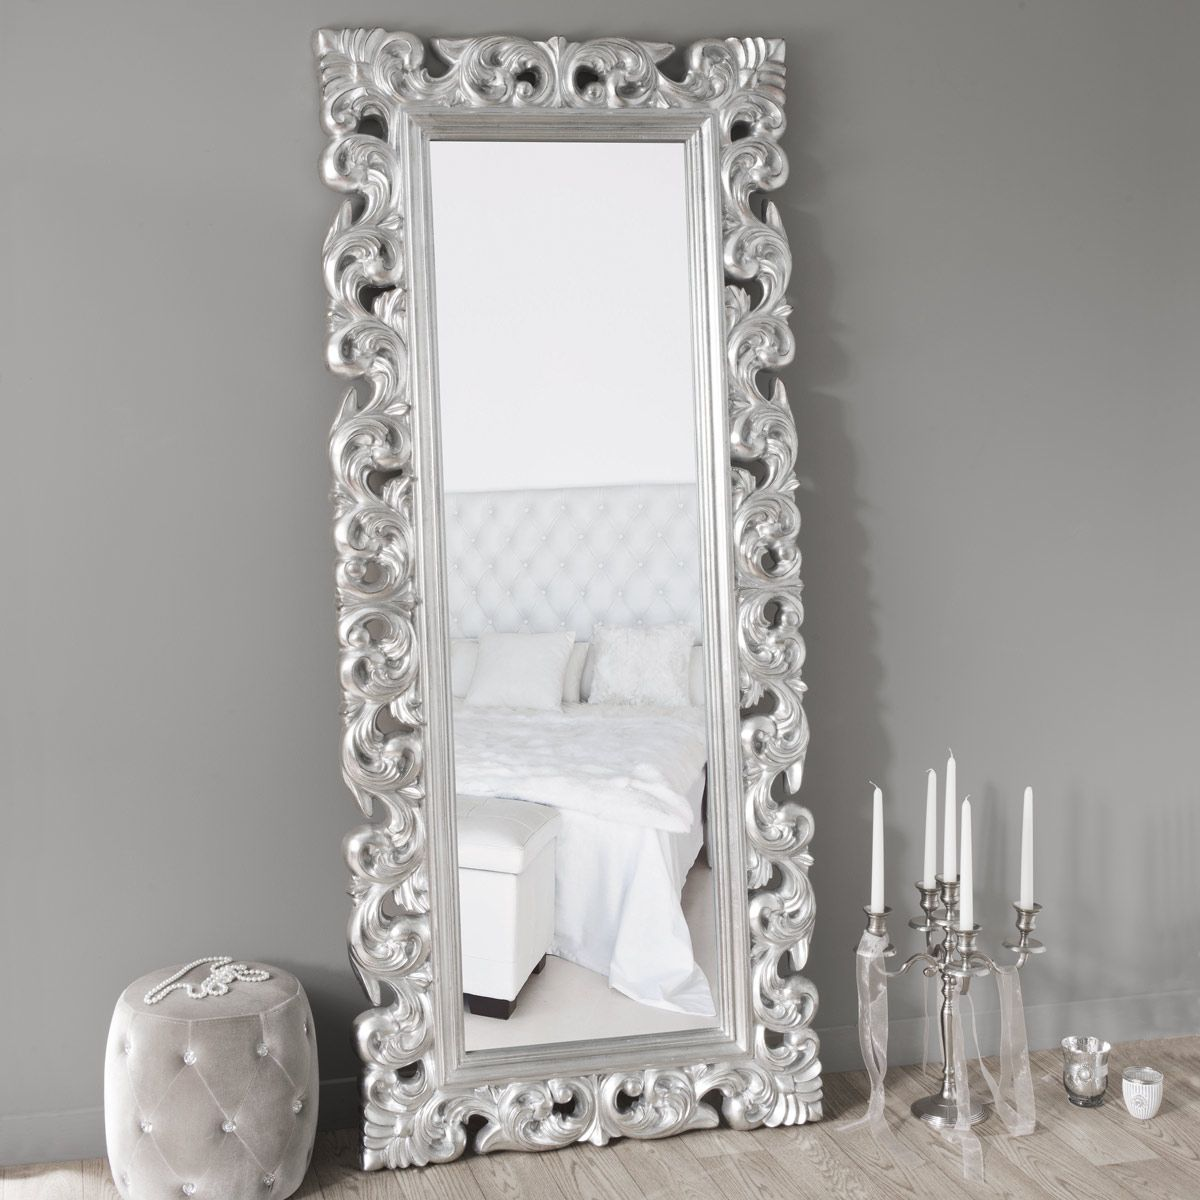 étonnant miroir baroque maison du monde   Décoration française